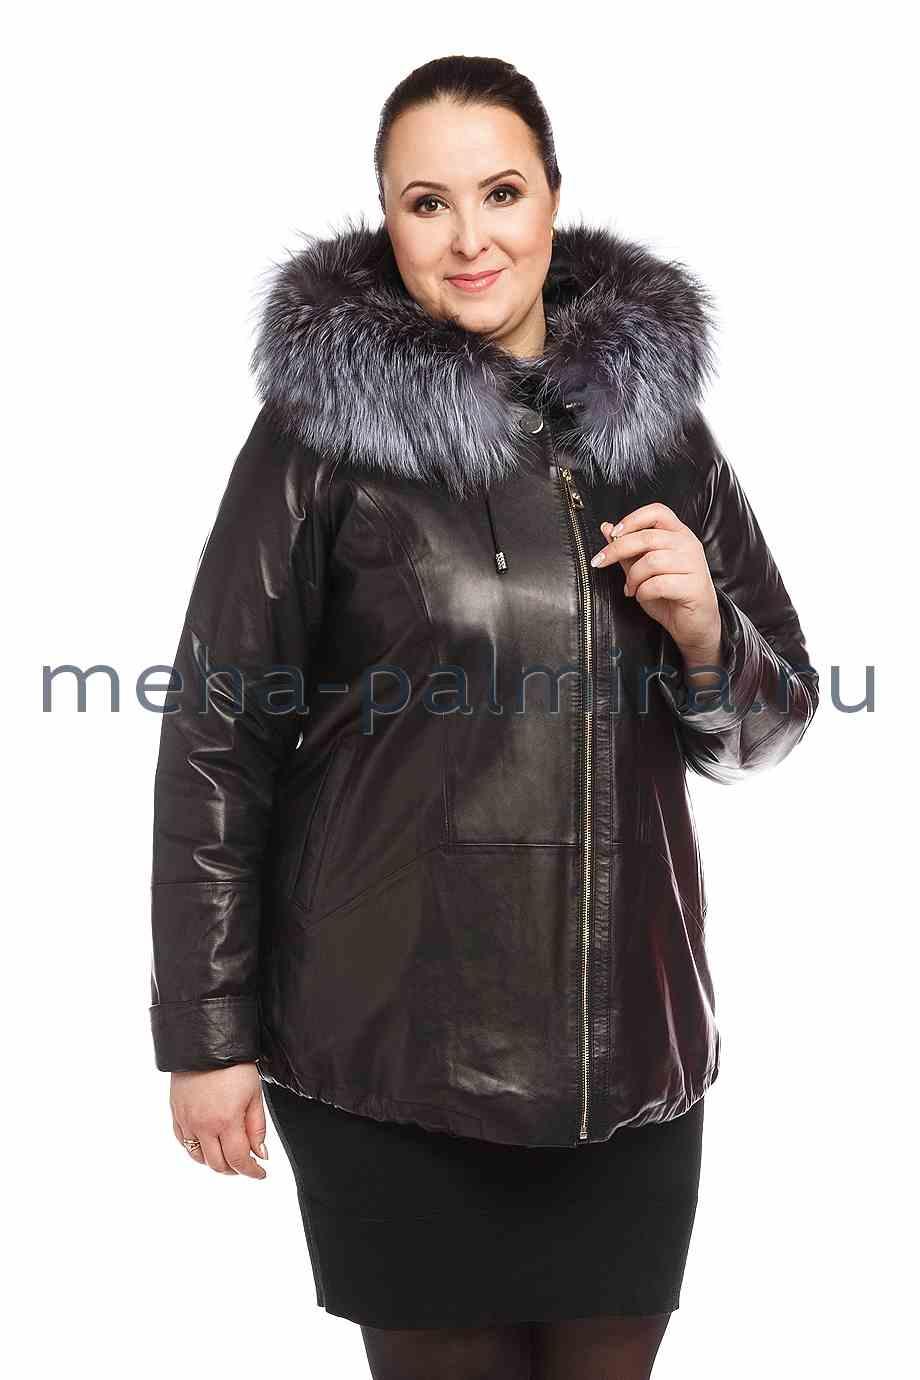 Утепленная женская куртка с капюшоном, мех чернобурки